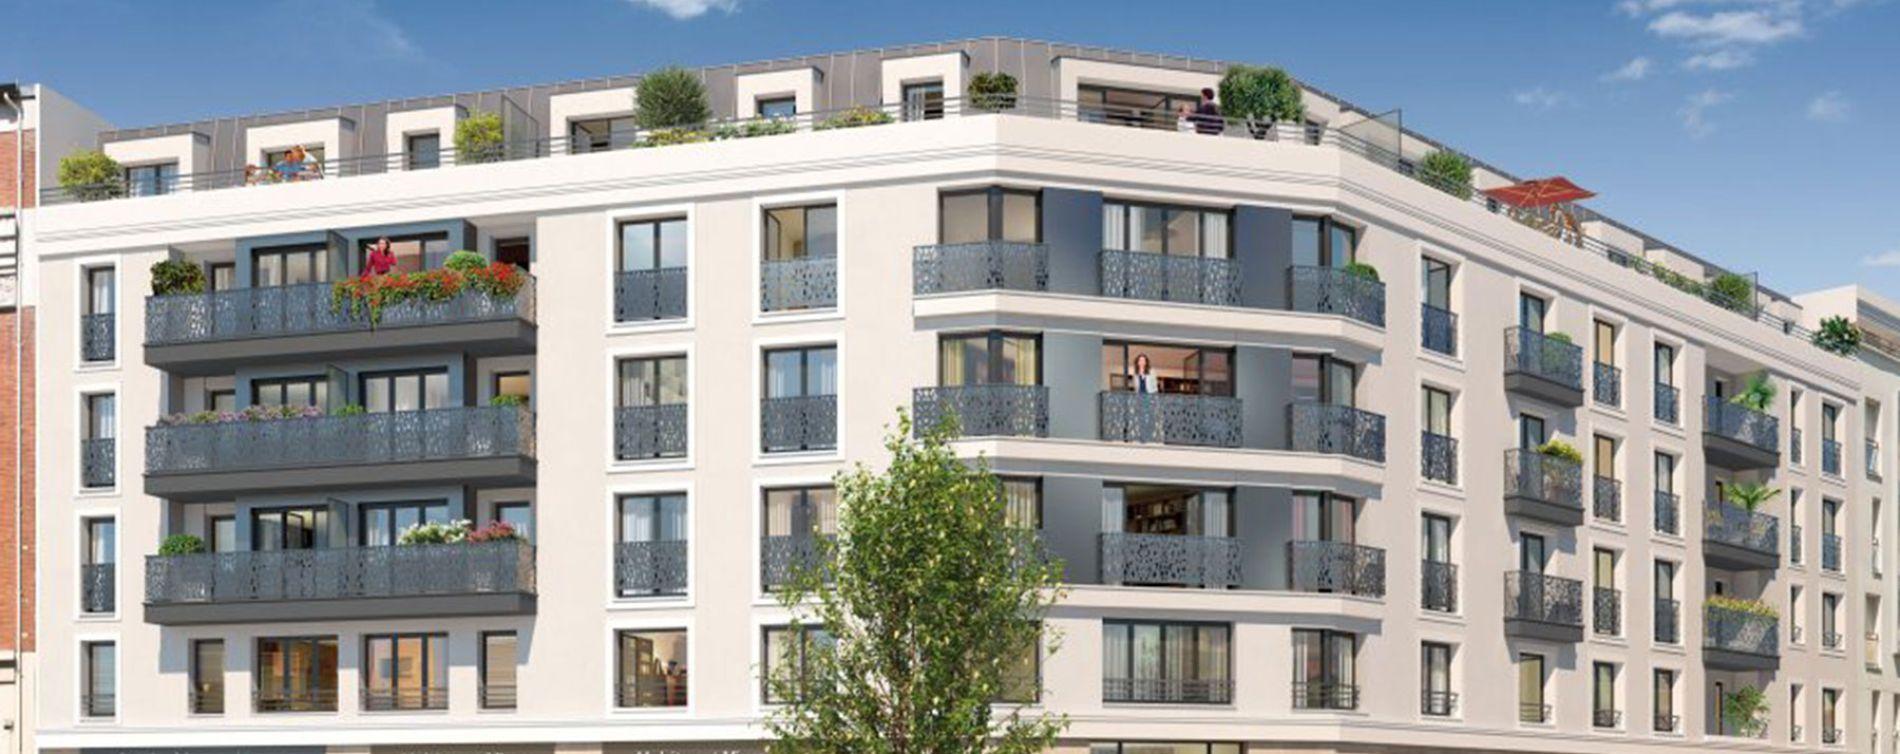 Asnières-sur-Seine : programme immobilier neuve « Programme immobilier n°217728 »